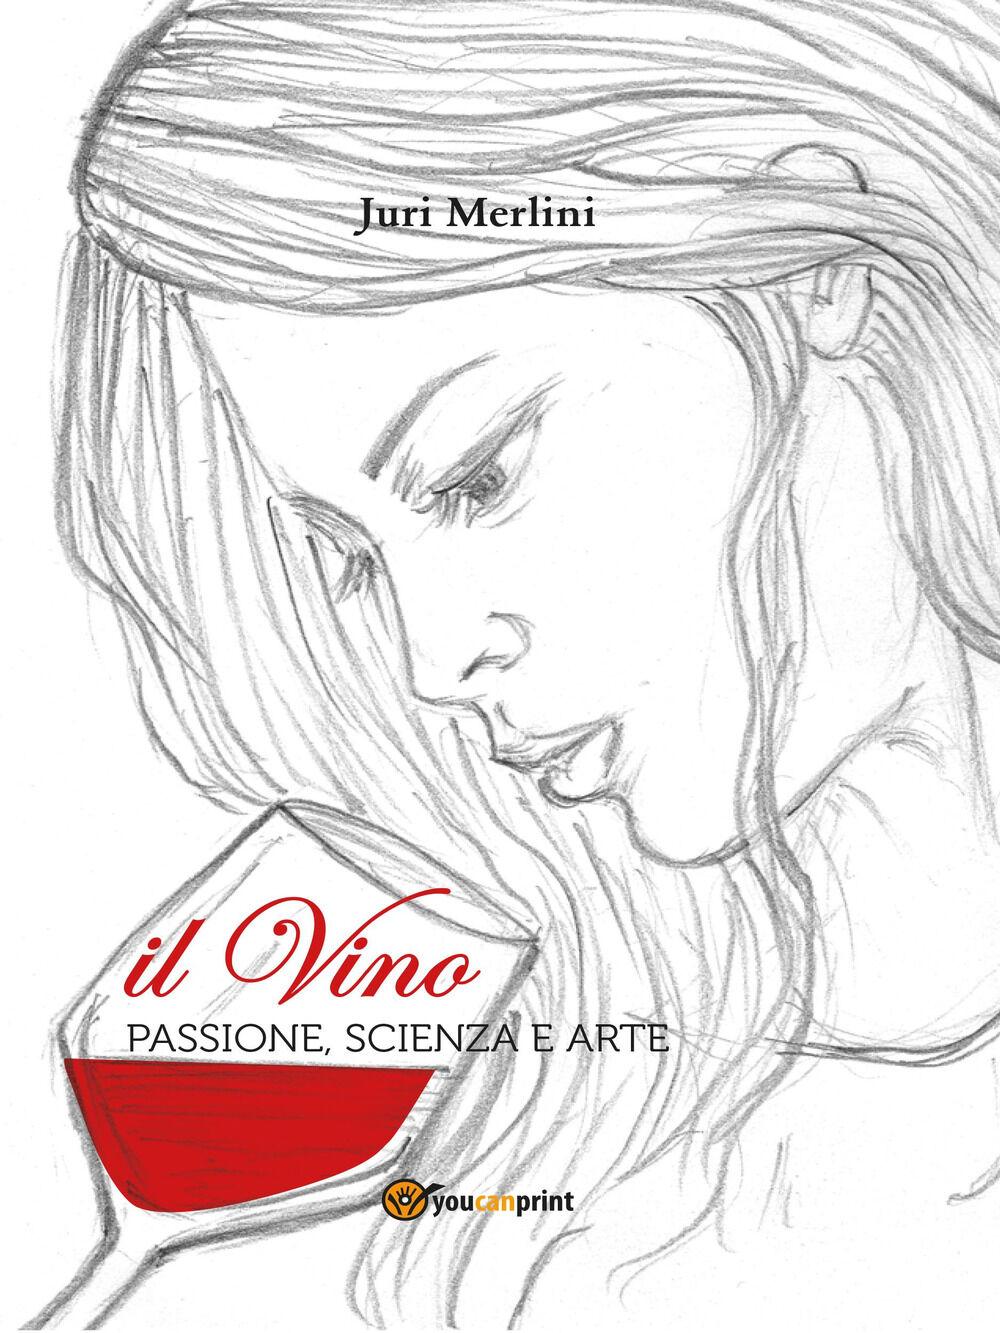 Il vino: passione, scienza e arte